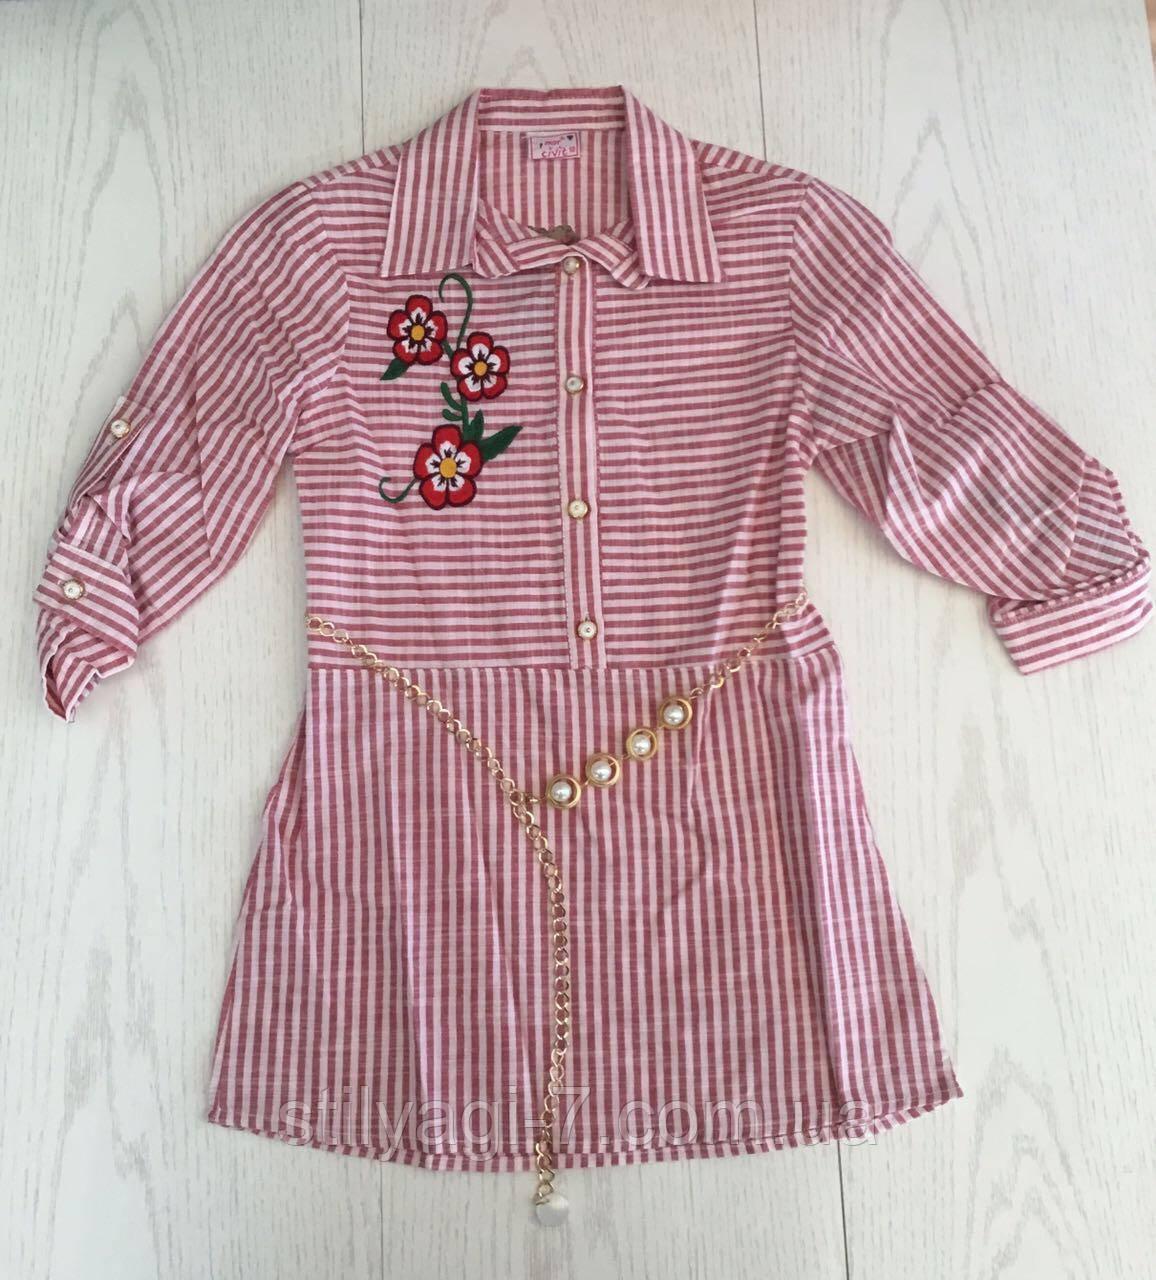 Рубашка удлиненная для девочки на 10-13 лет синего, красного, серого, голубого цвета в полоску оптом